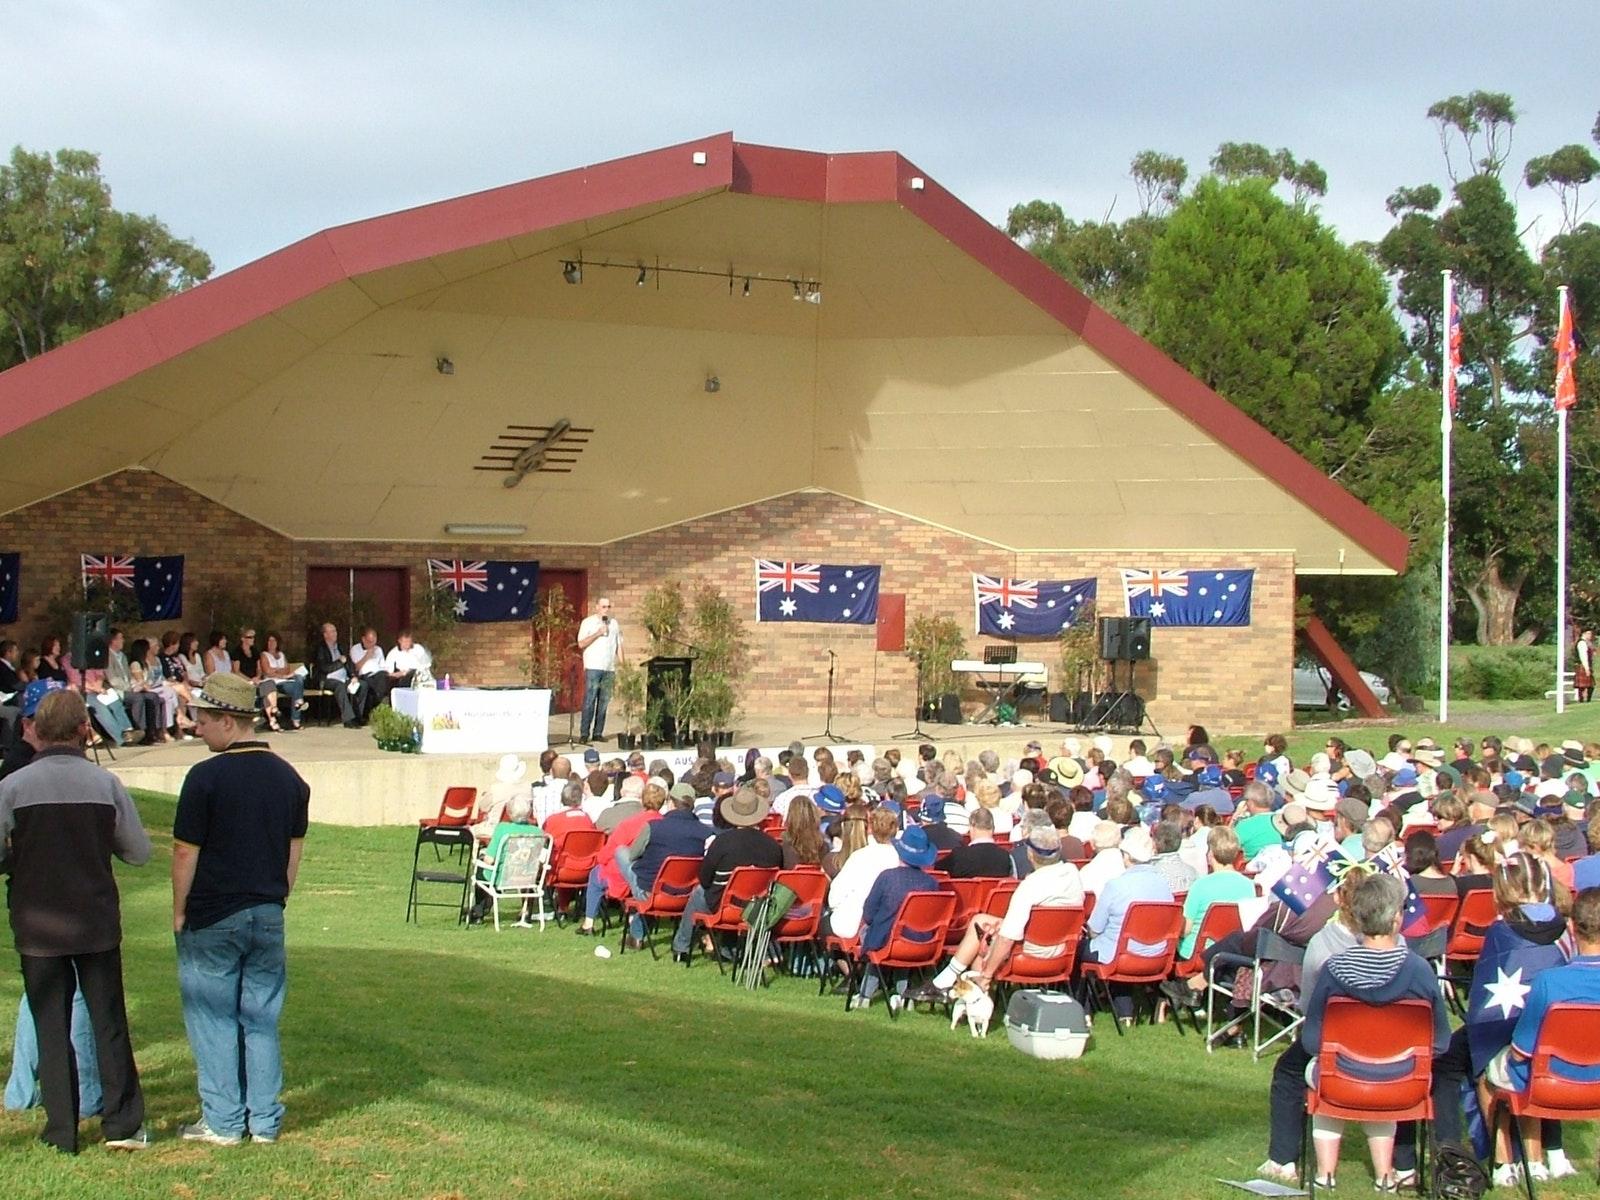 Australia Day Celebrations in Horsham